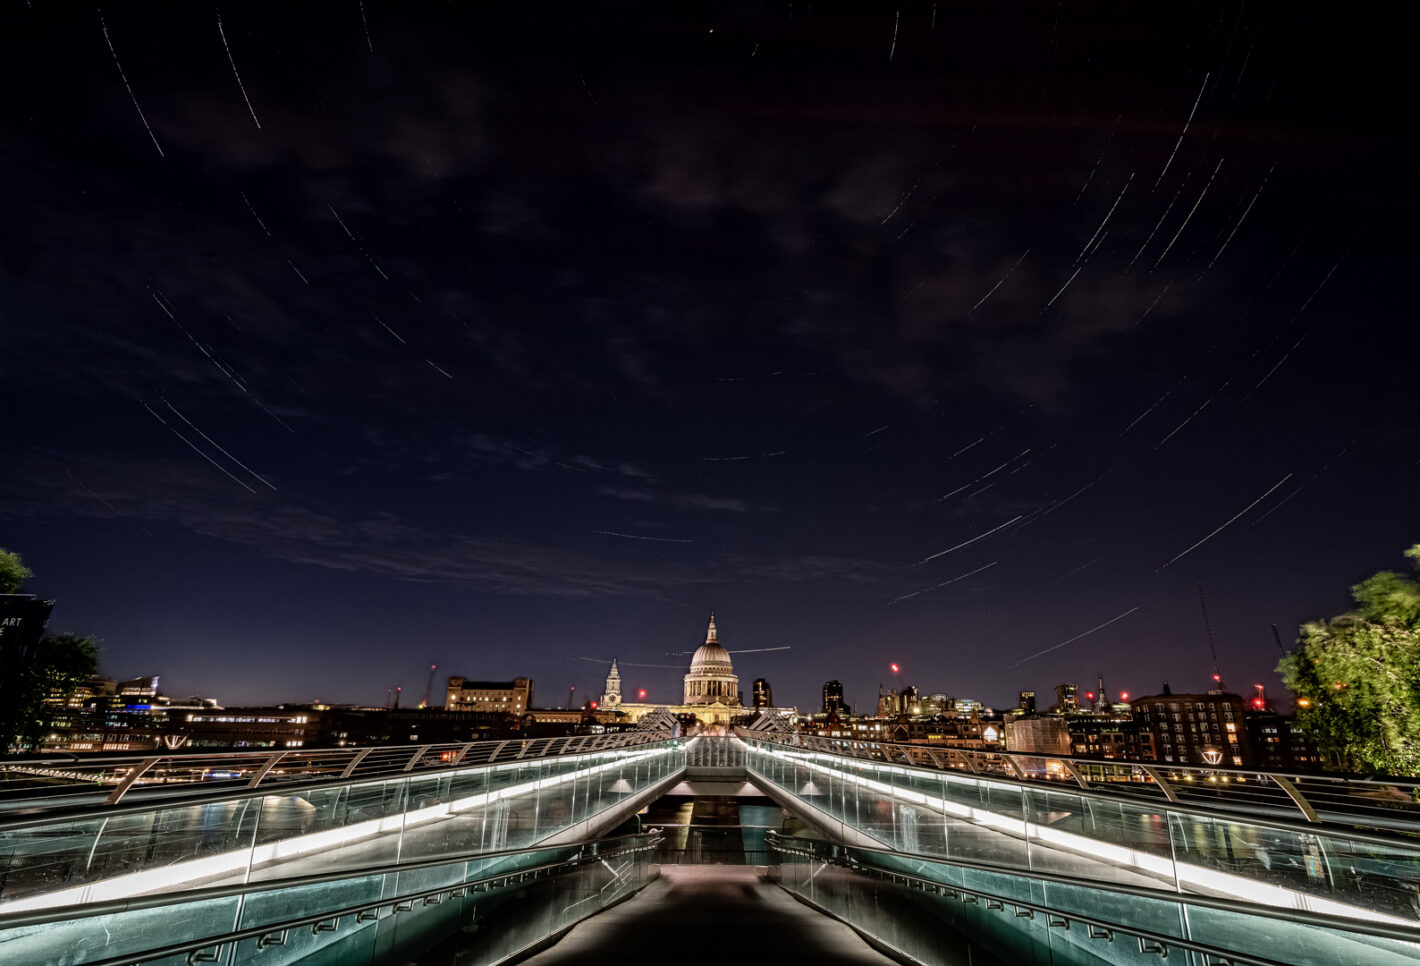 Londres Circumpolaire, Cathédrale St Paul, Millenium Bridge, Londres Sony A7III, 16-35mm, 20sec, 100 pix, 500iso, f11